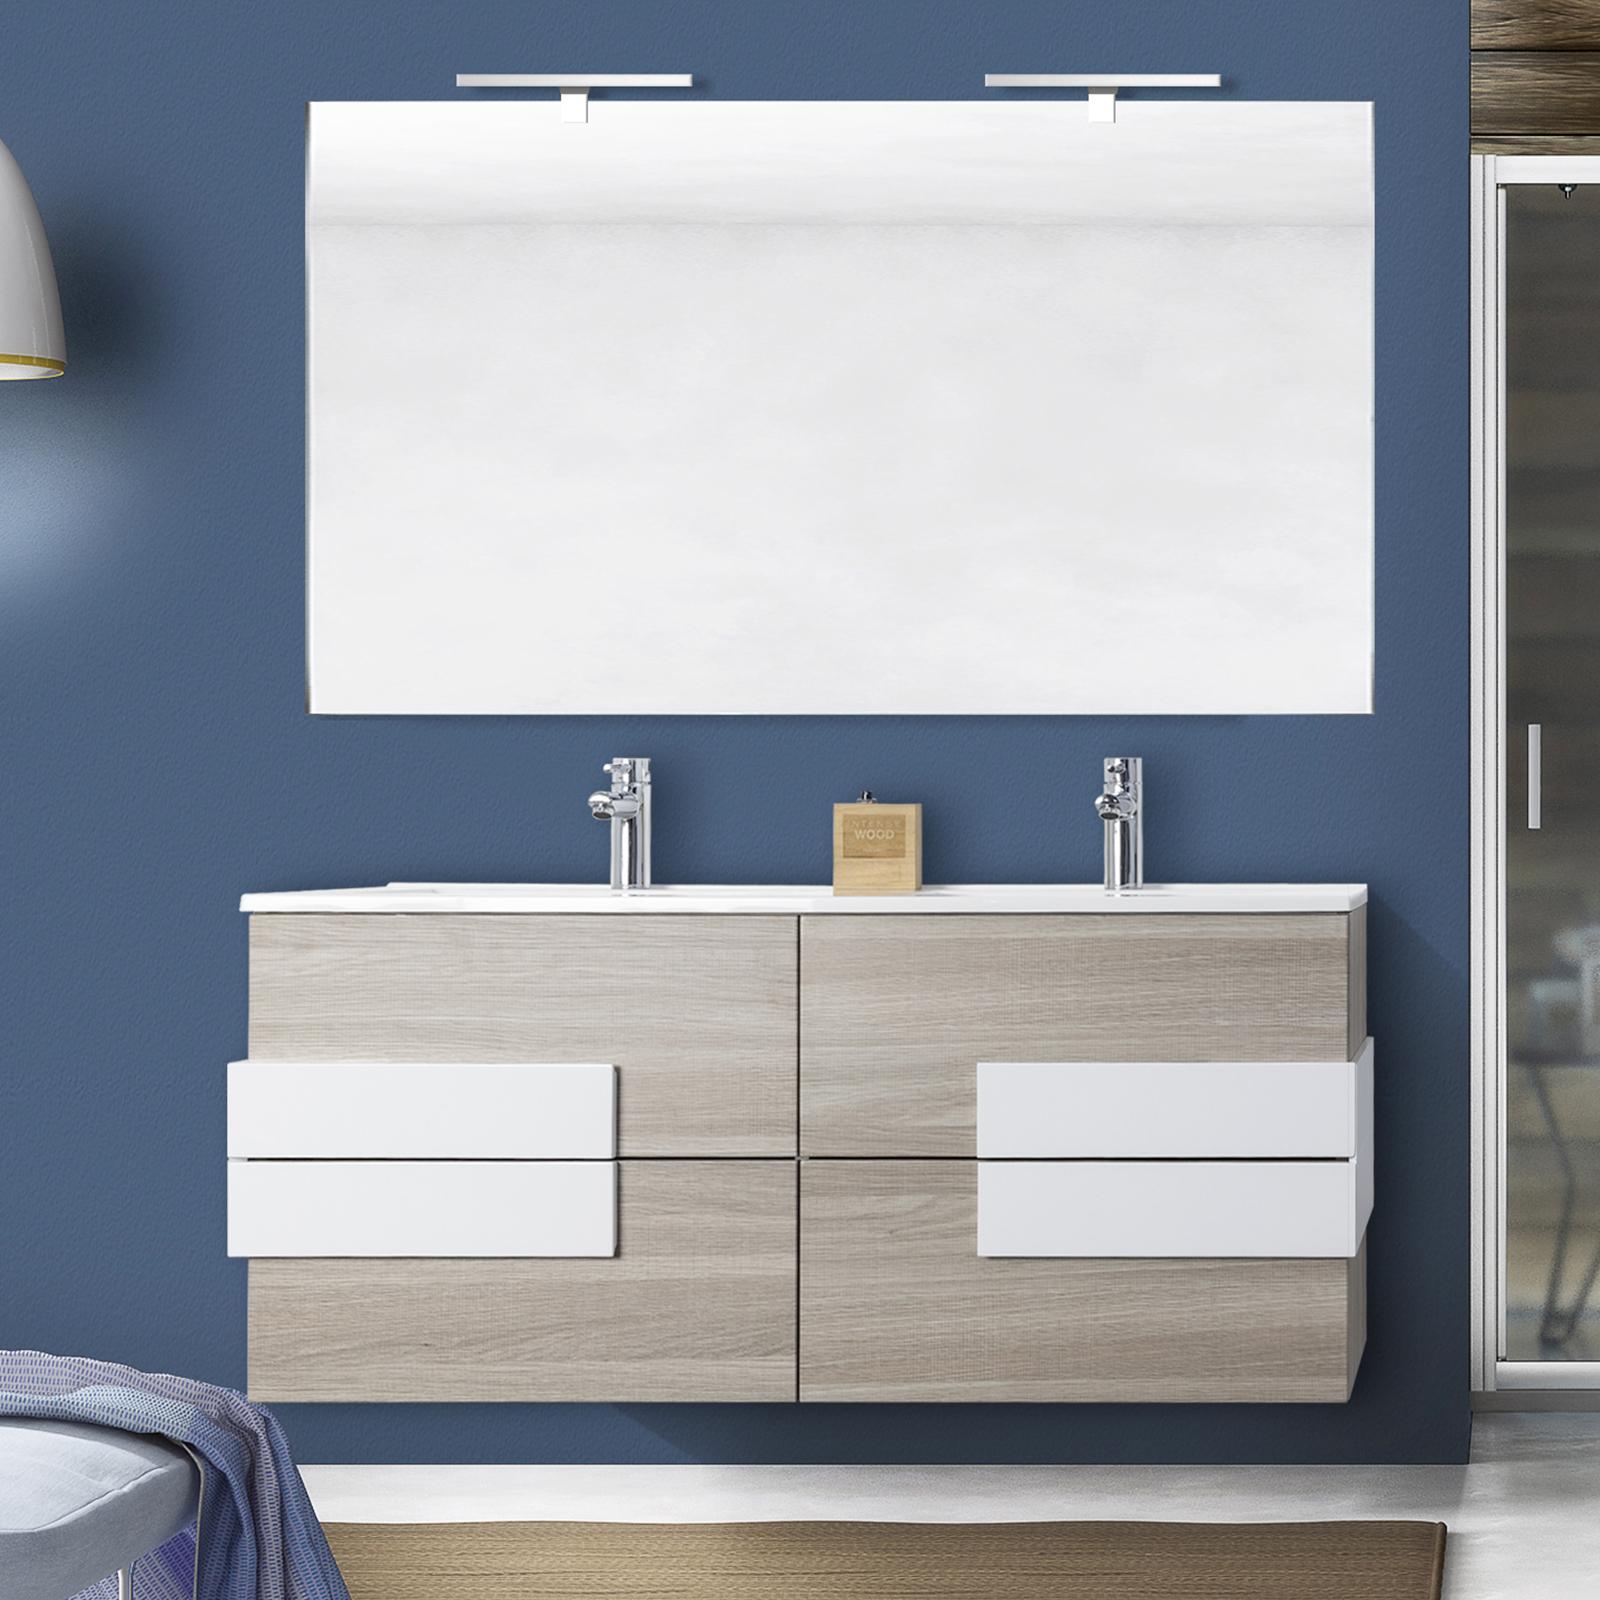 Miroir Salle De Bain 120 Cm meuble de salle de bain energy de 120 cm en blanc, chêne clair ou chêne  foncé avec insertions blancs, lavabo double et miroir